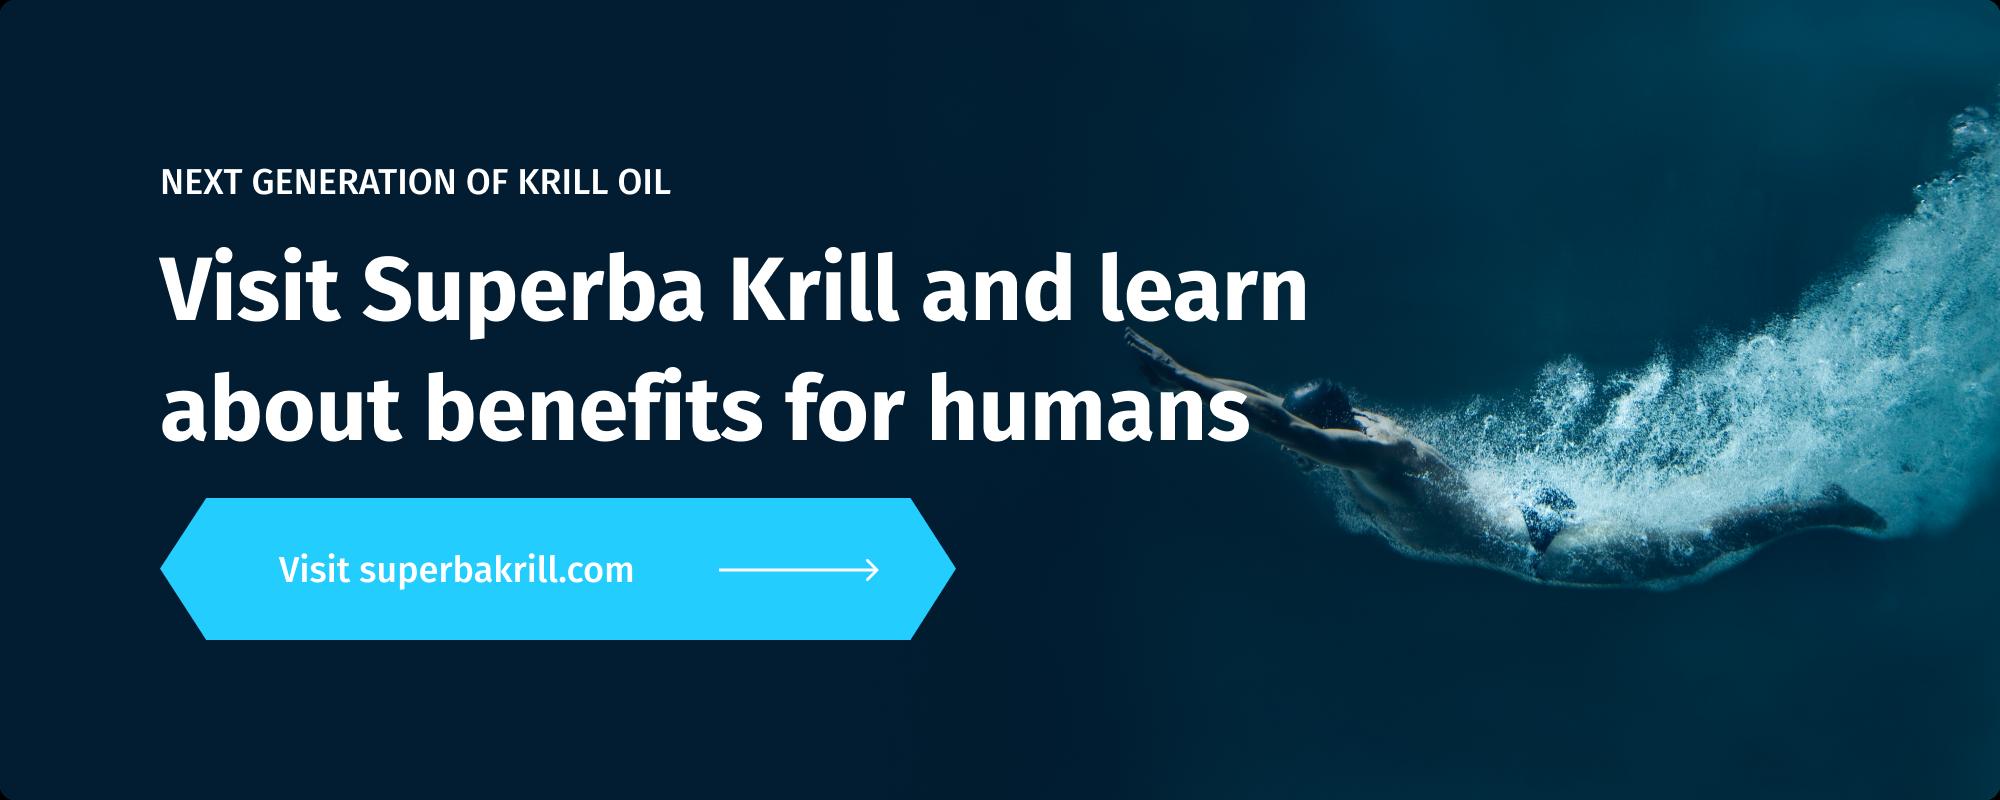 Visit Superba Krill